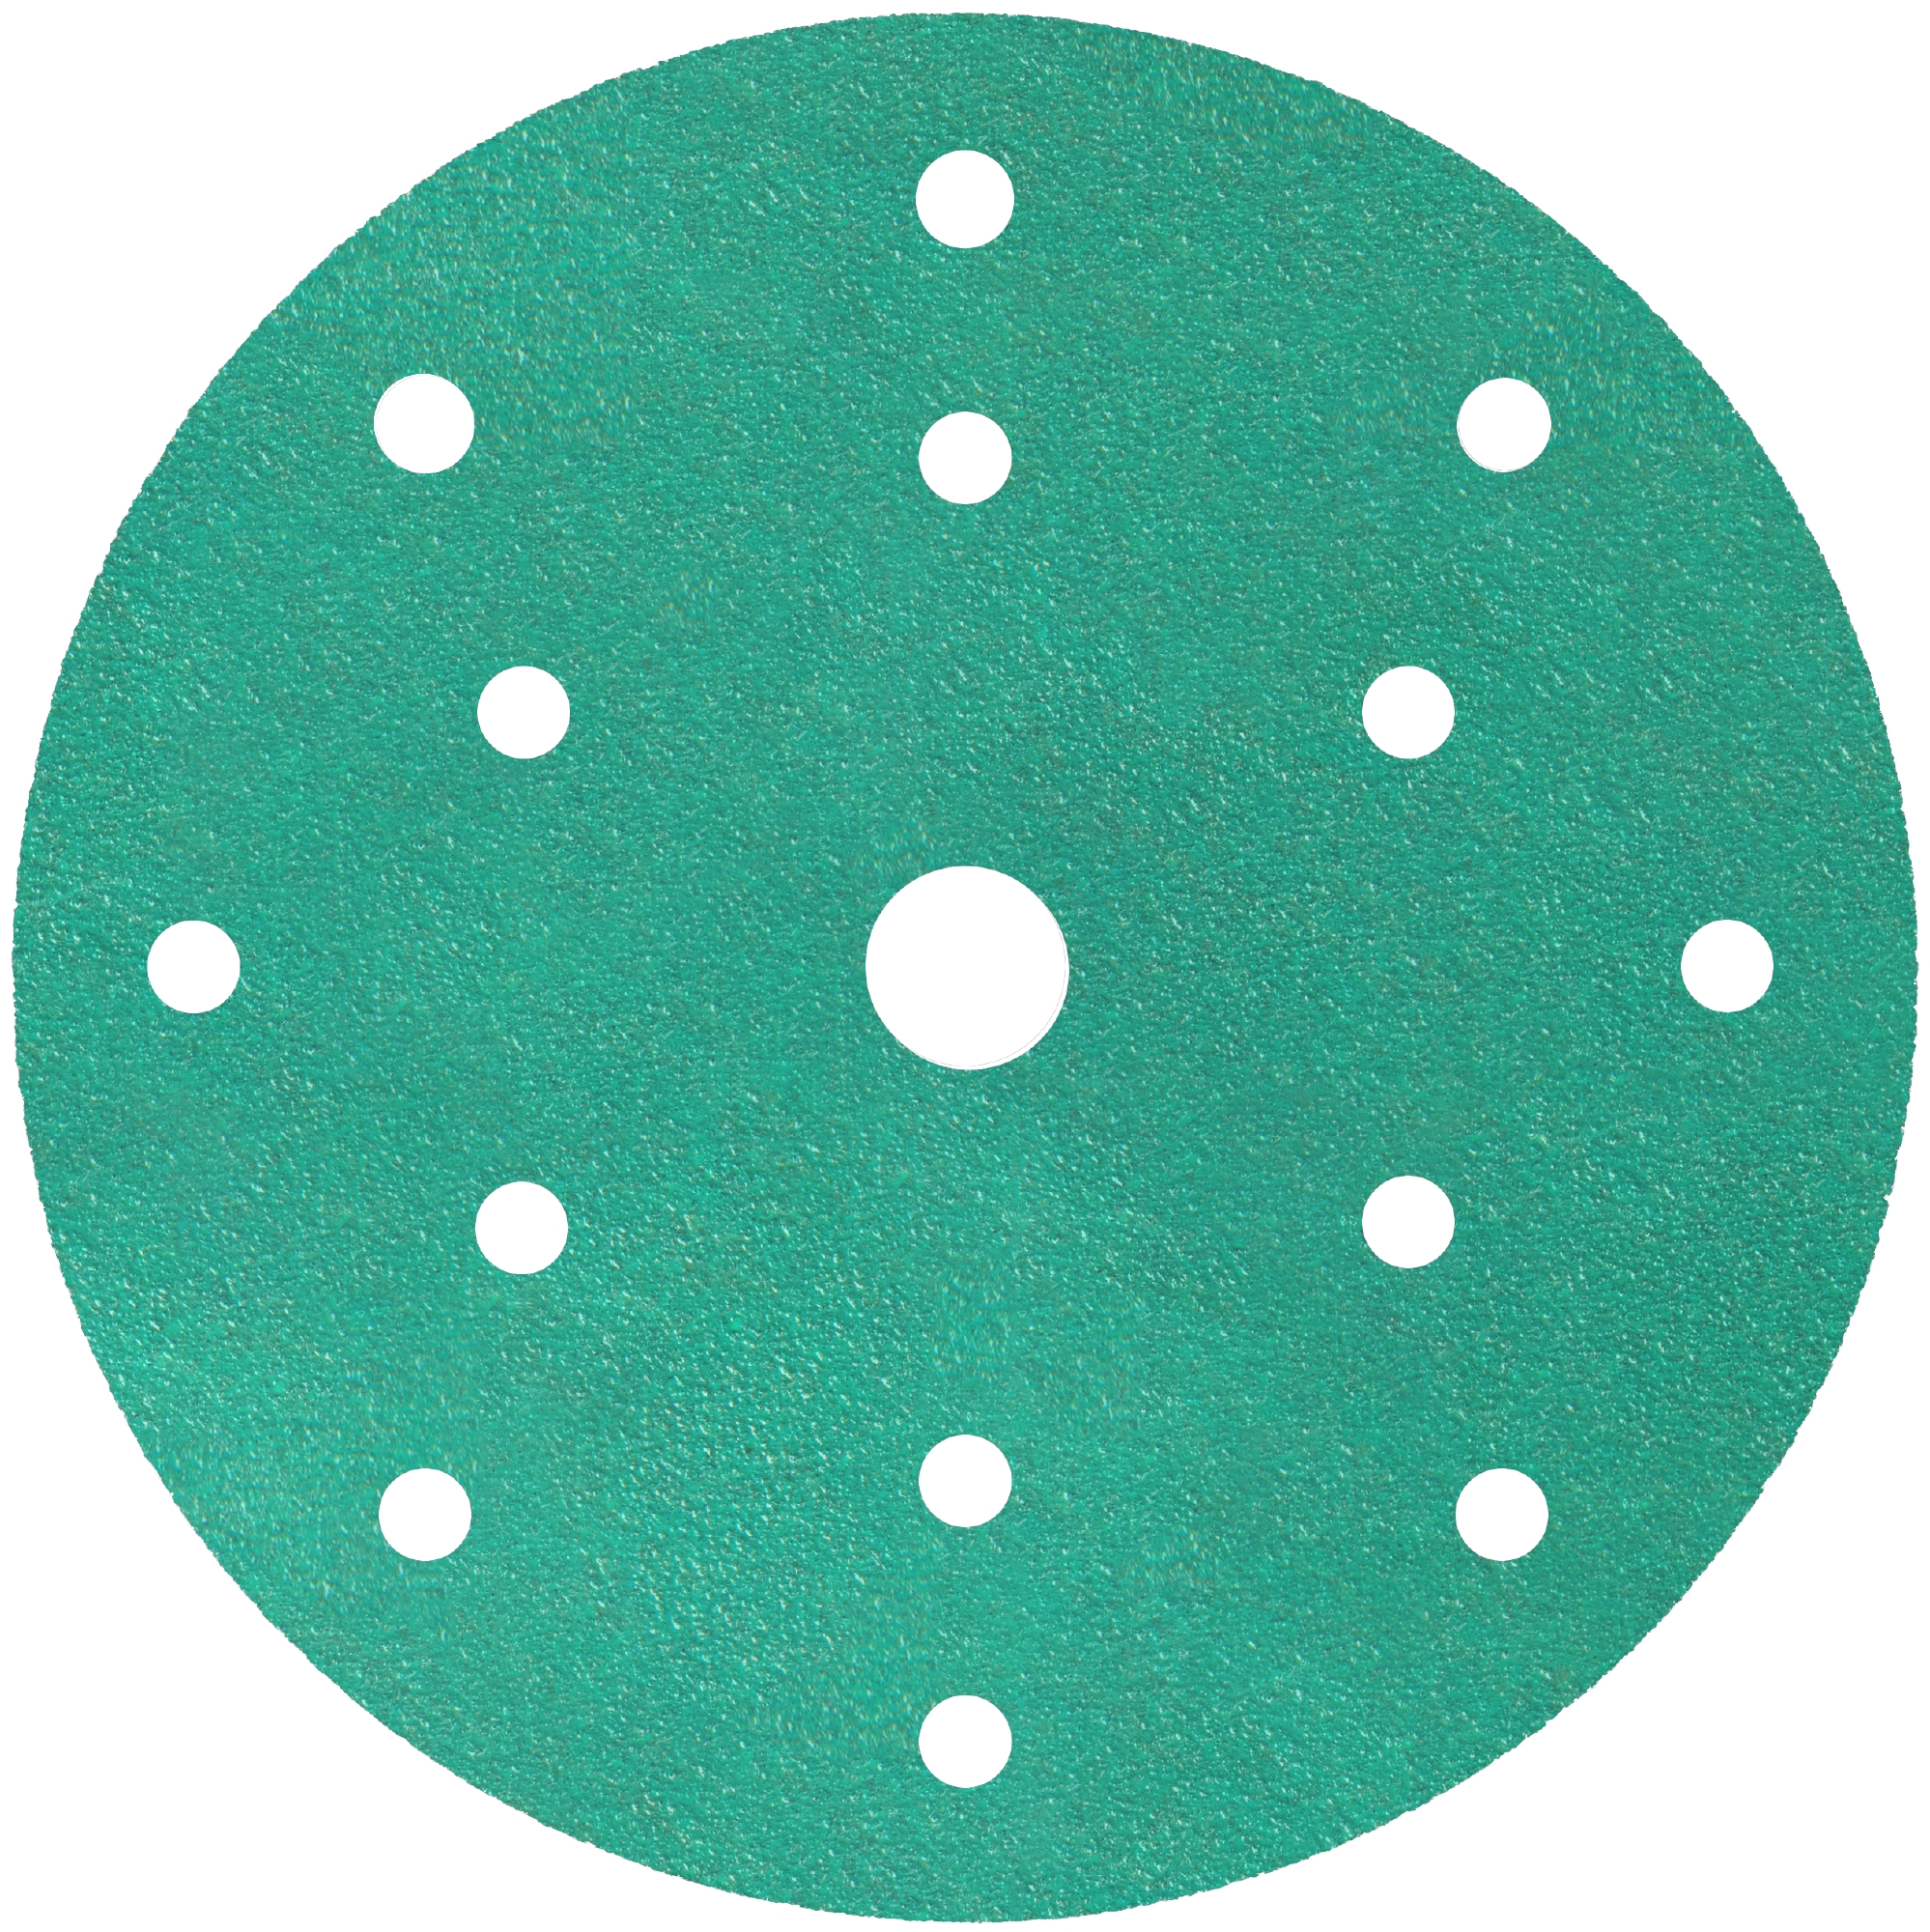 100 x Klingspor FP 77 K Schleifscheiben | kletthaftend | wirkstoffbeschichtet | 150 mm | Korn 2000 | Lochform GLS47 | 353130